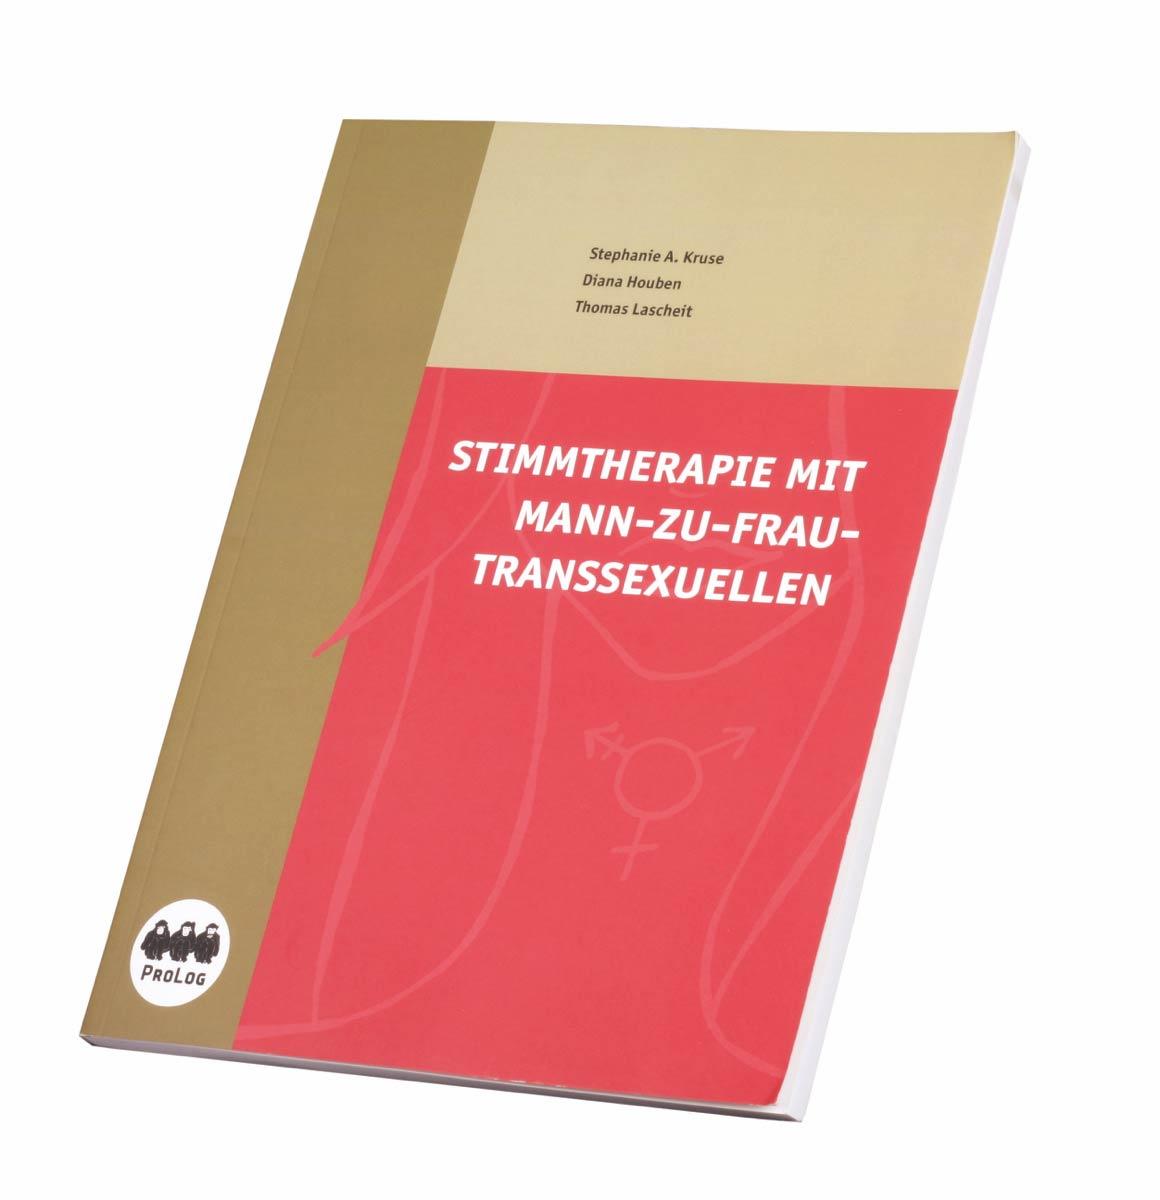 Zu transsexualität frau test mann Transsexuell: Mein